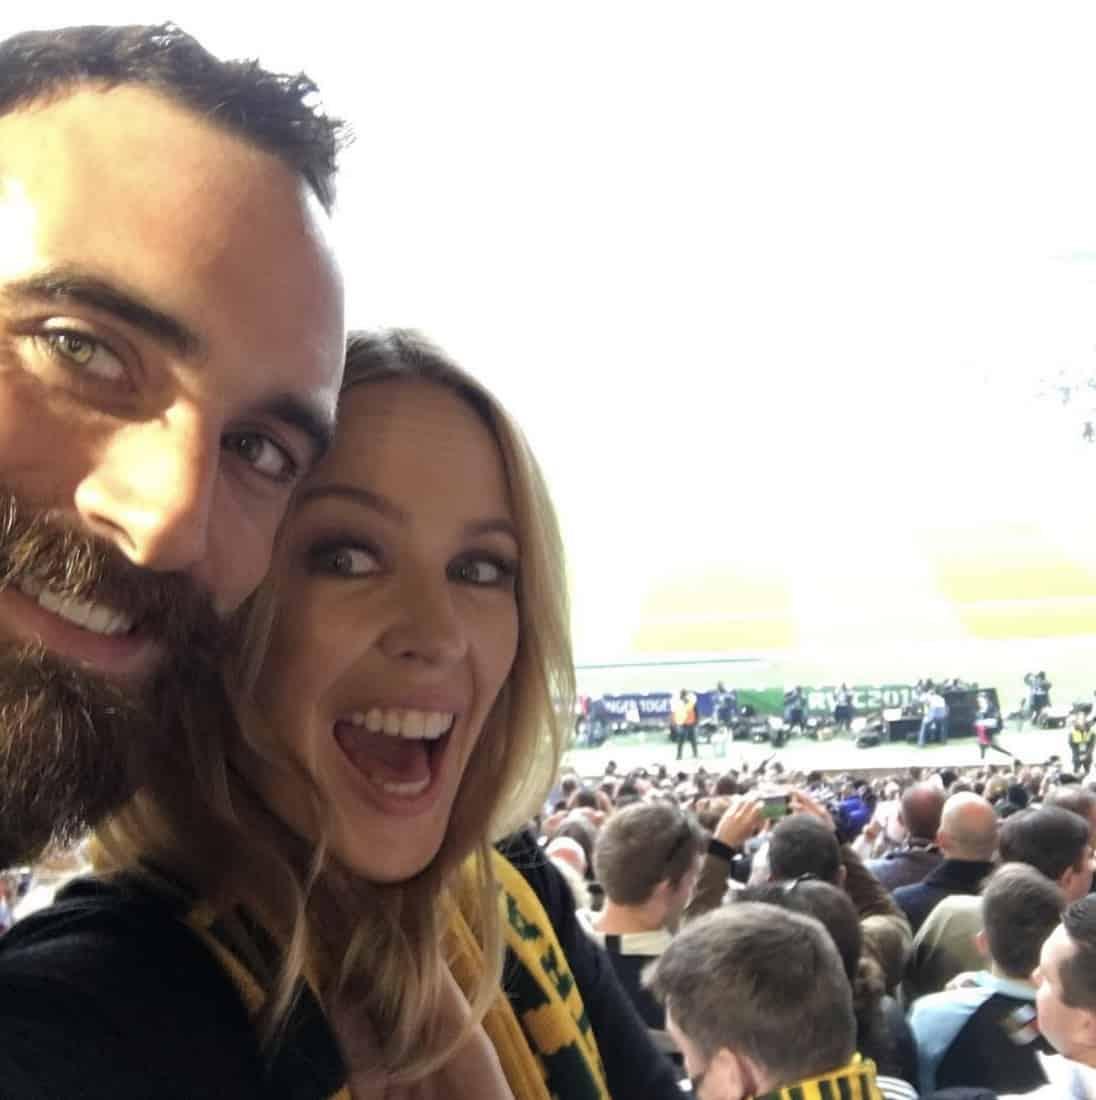 Joshua Sasse Kylie Minogue Instagram